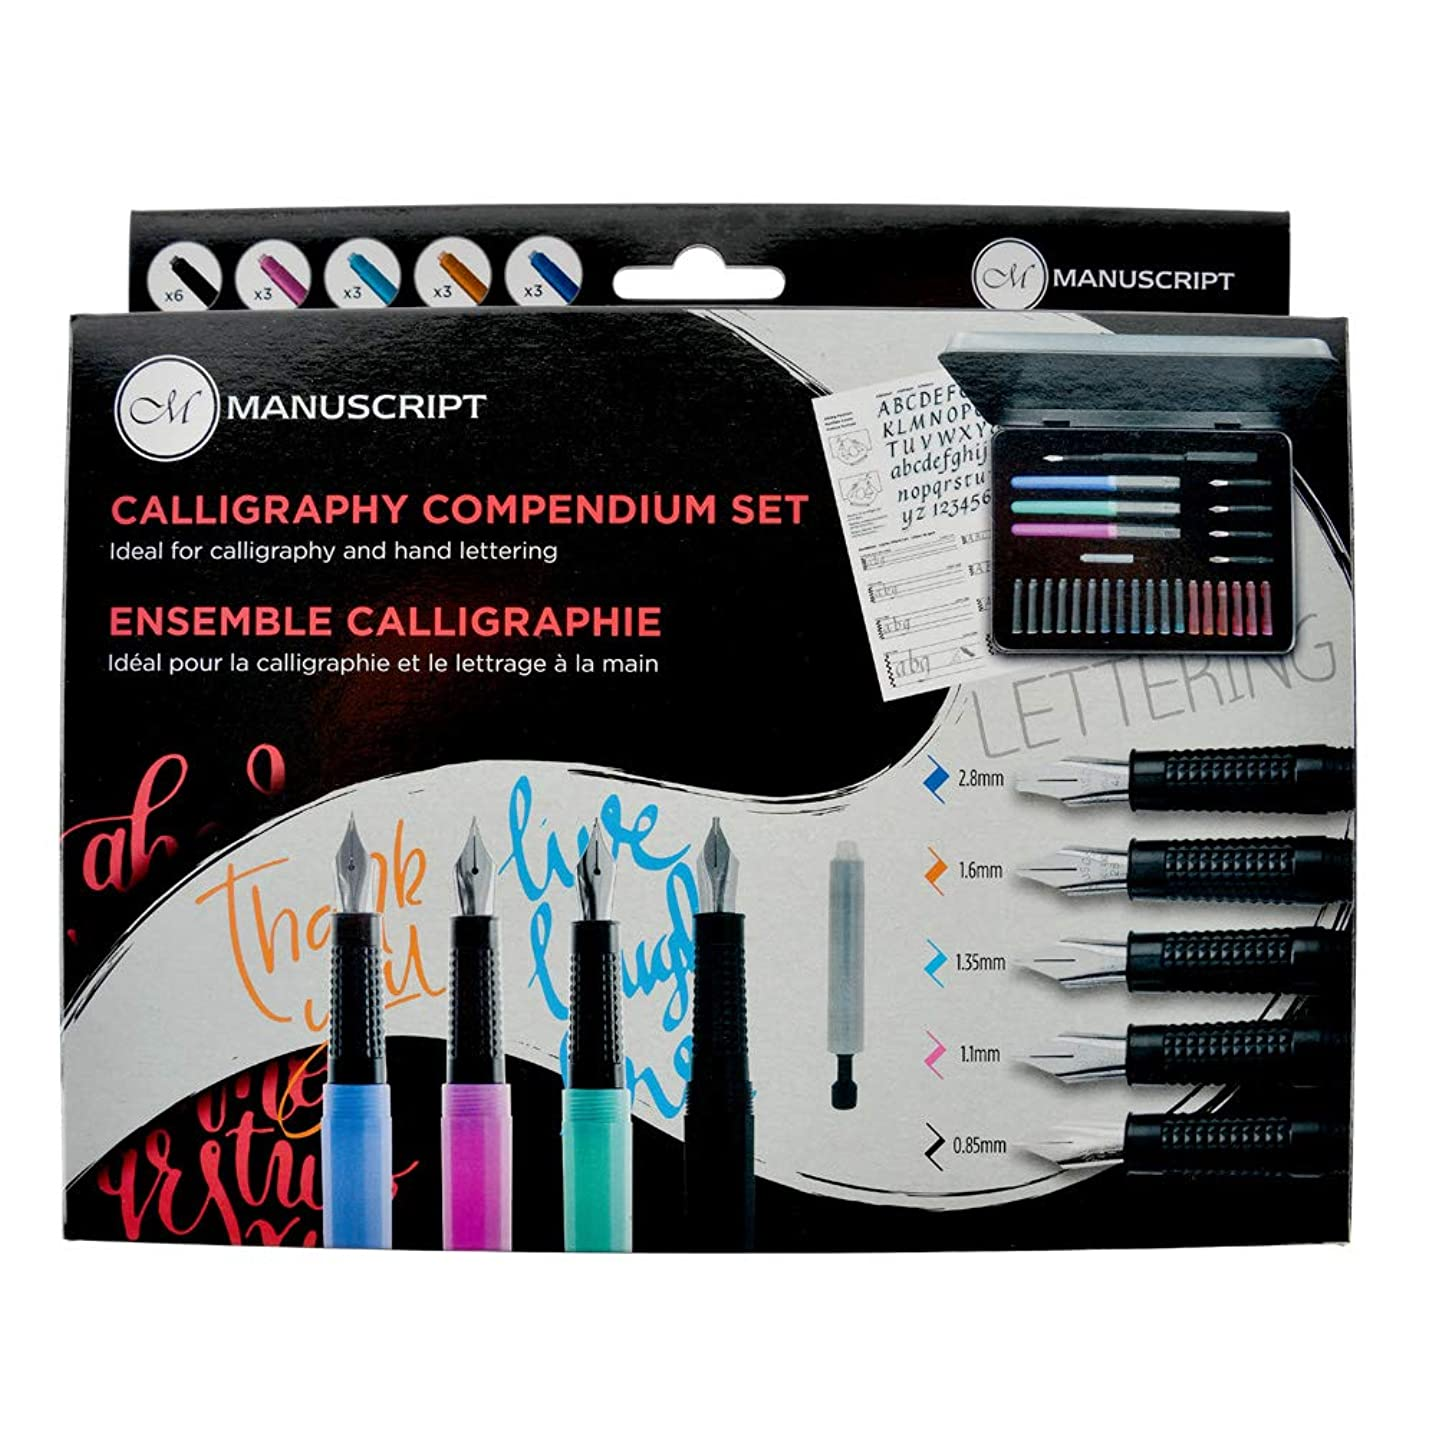 Manuscript 277902 Calligraphy Compendium